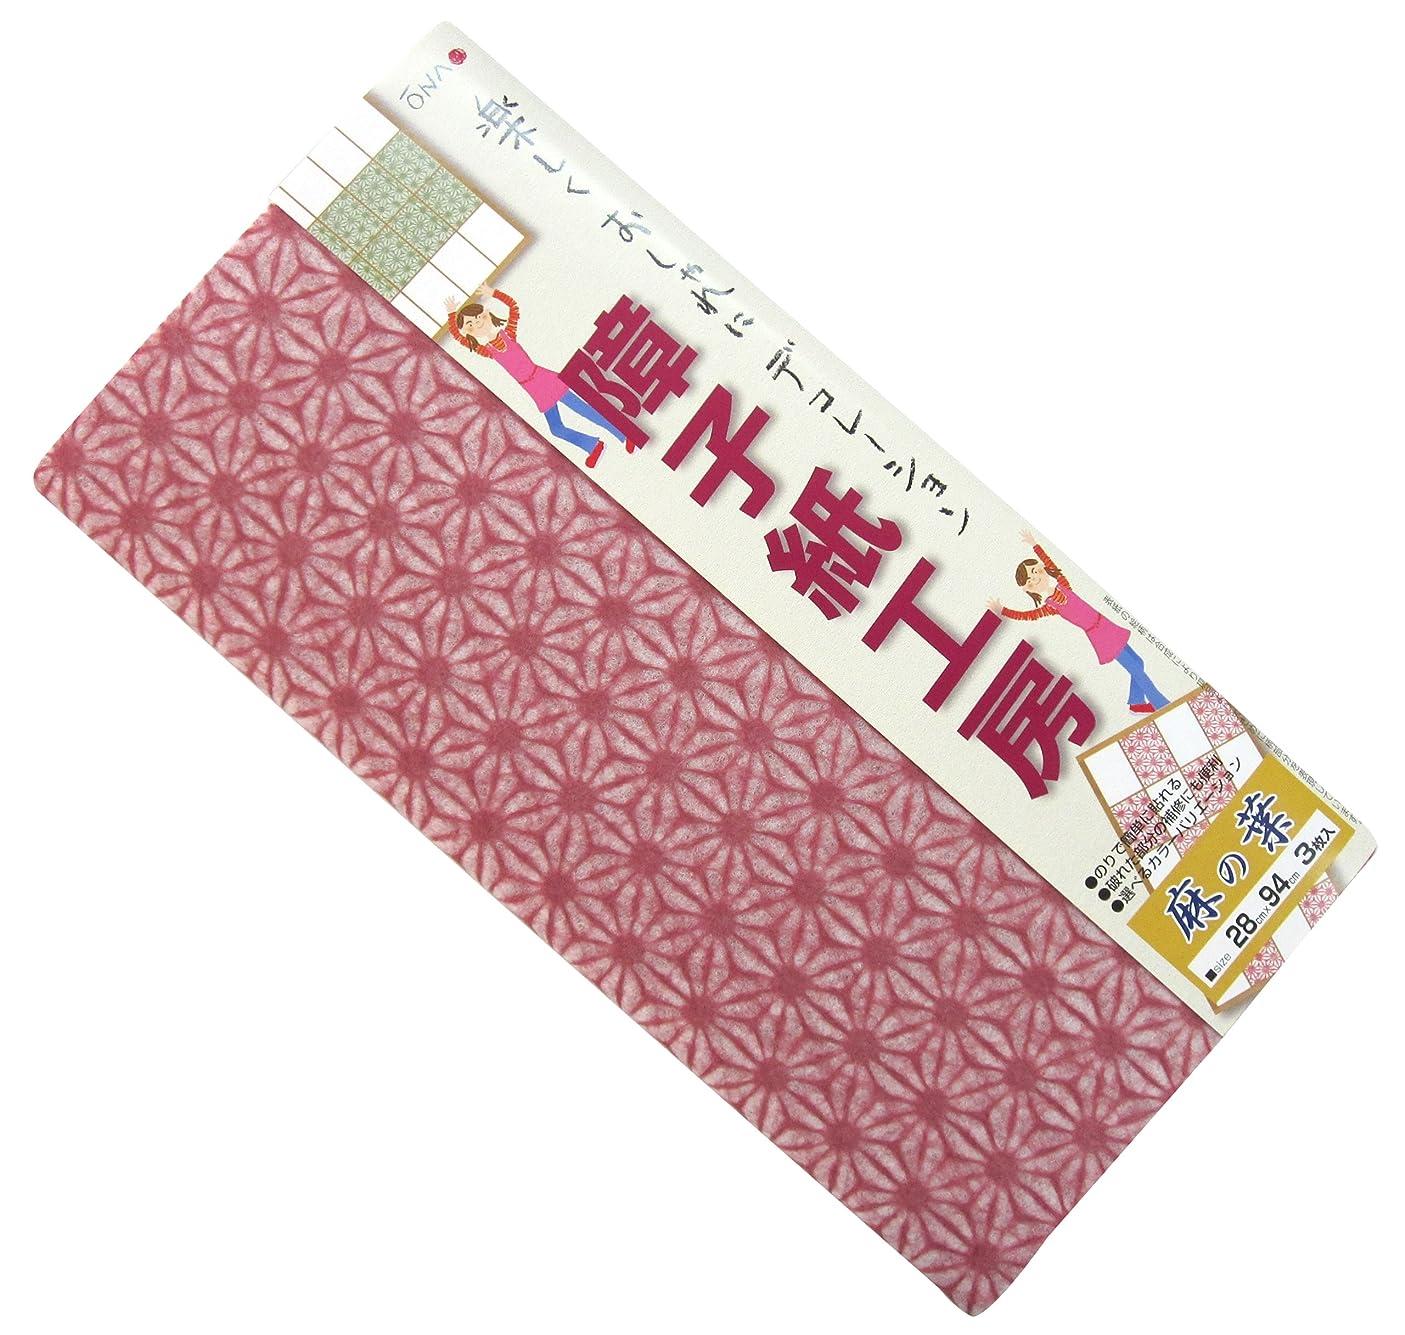 ギネス形成しばしば大直(ONAO) 障子紙工房 麻の葉 梅柴 KA-05